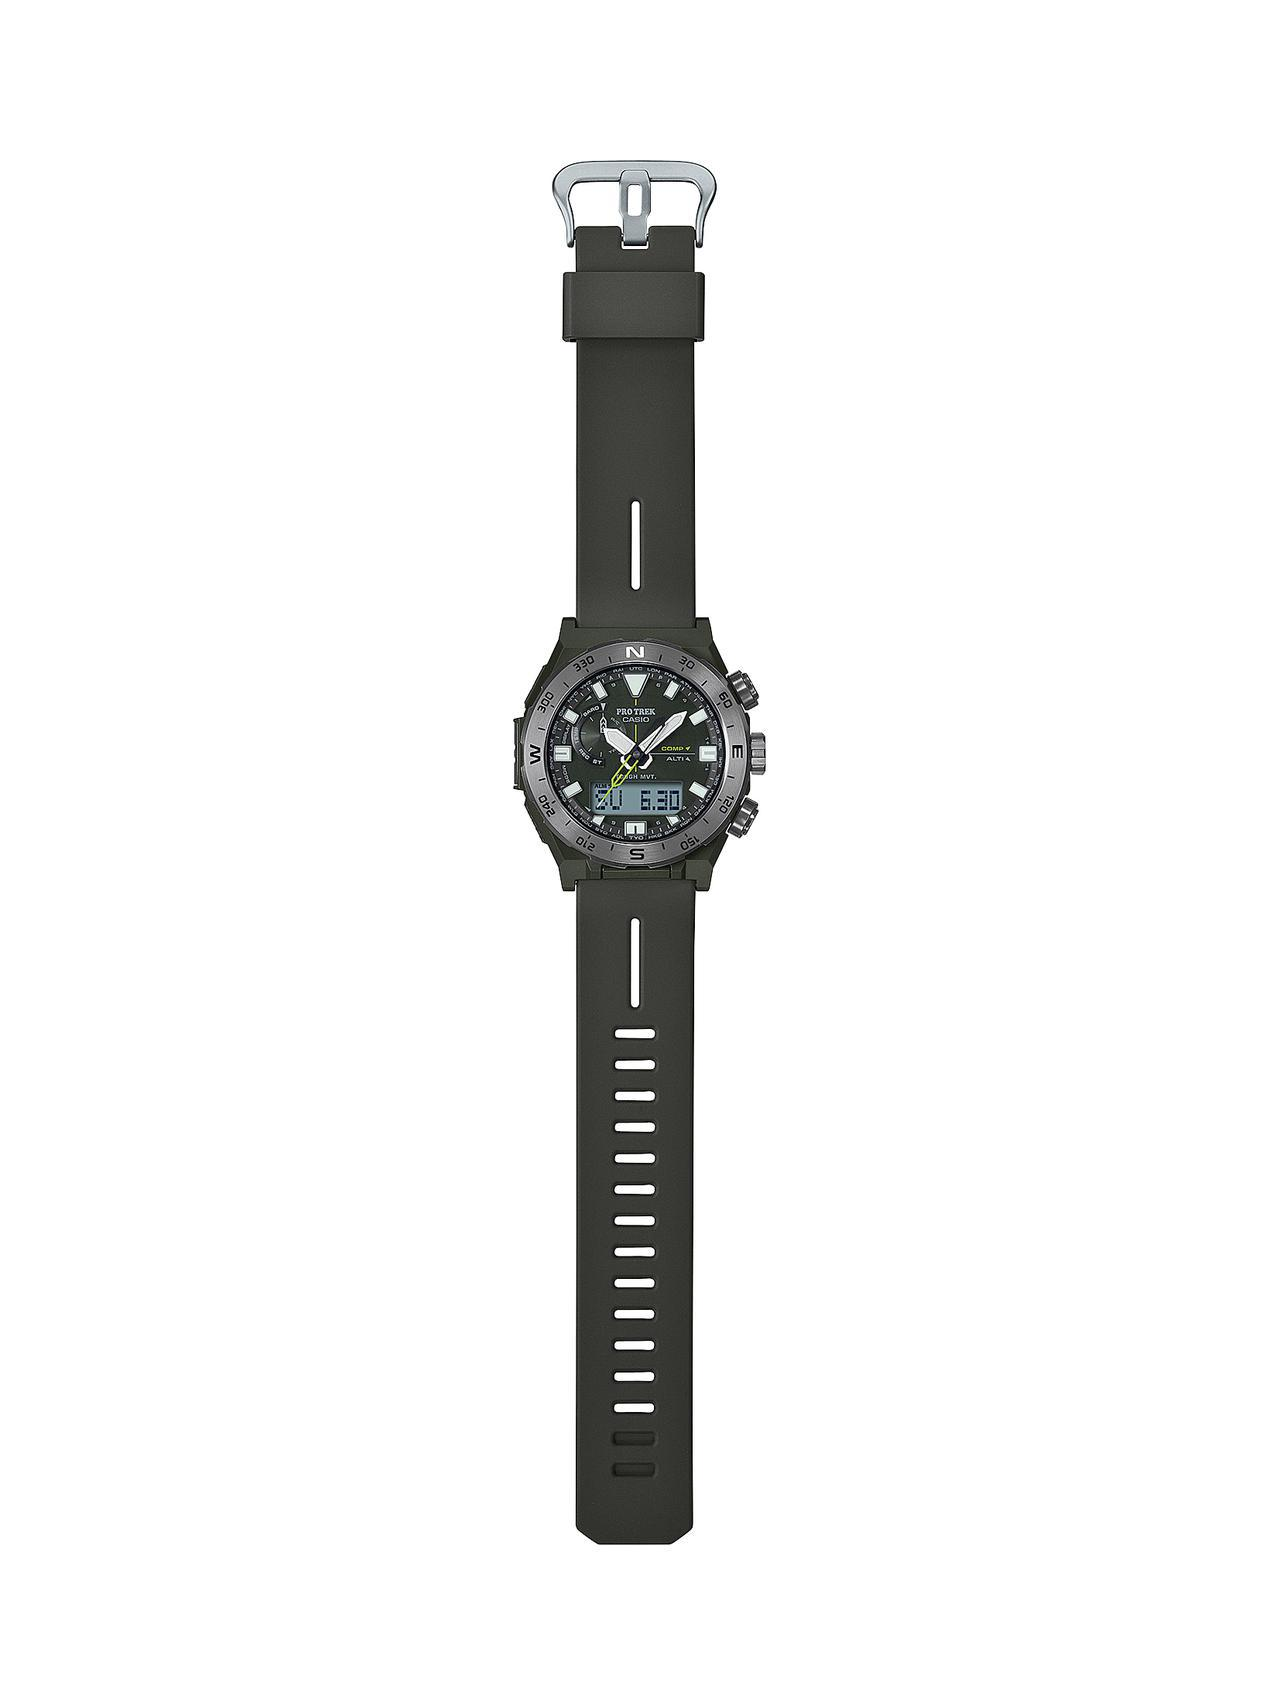 画像6: 方位計測機能に特化したプロトレックの腕時計が新登場! 回転ベゼルを採用、紙の地図との併用を想定した旅するハイテクウォッチ